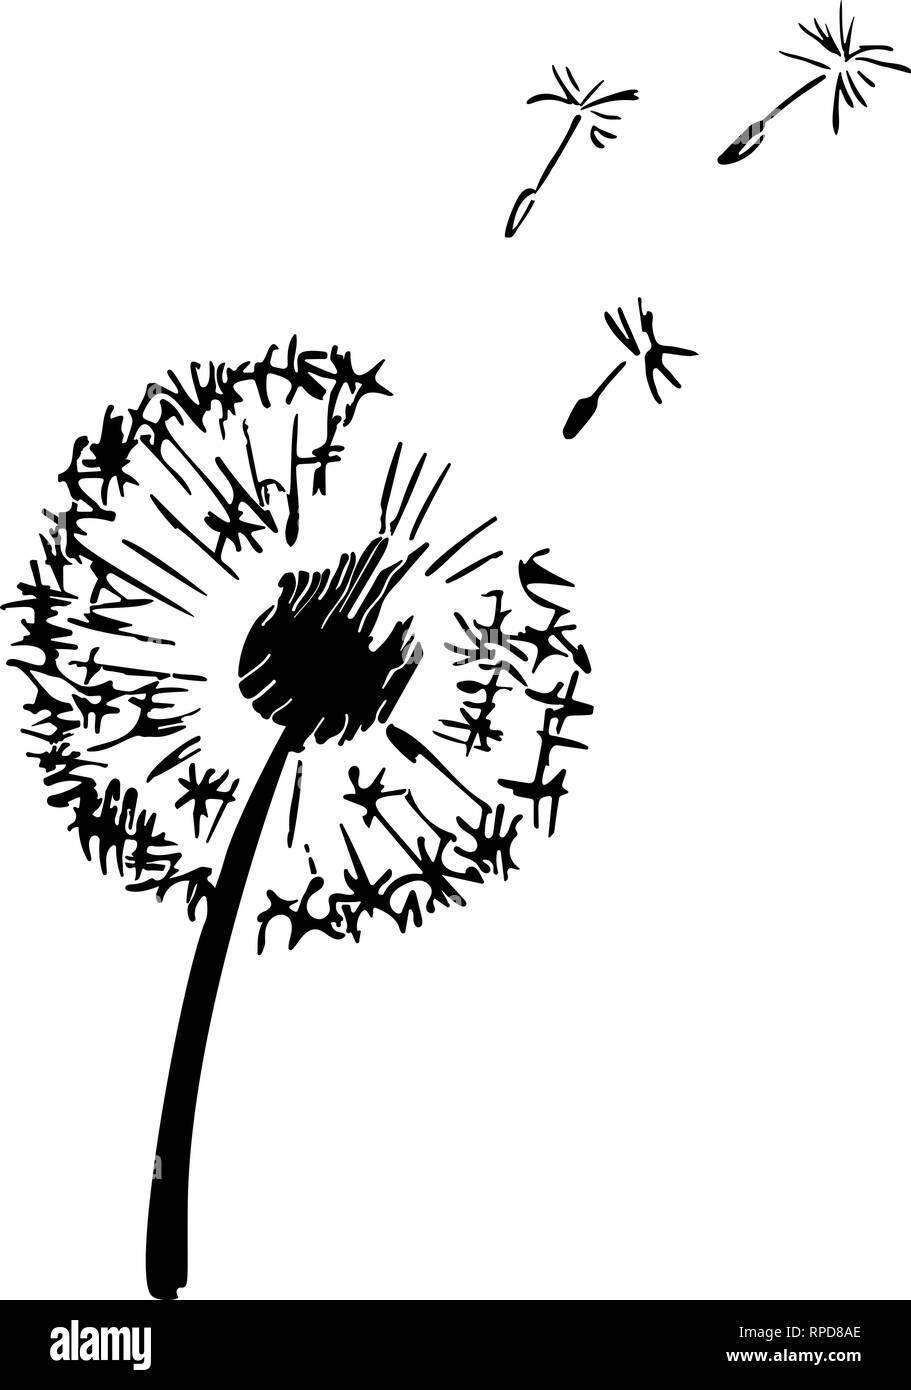 Dandelion plant silhouette. Contour suitable for cutting vinyl sticker. Vector outline illustration - Stock Vector